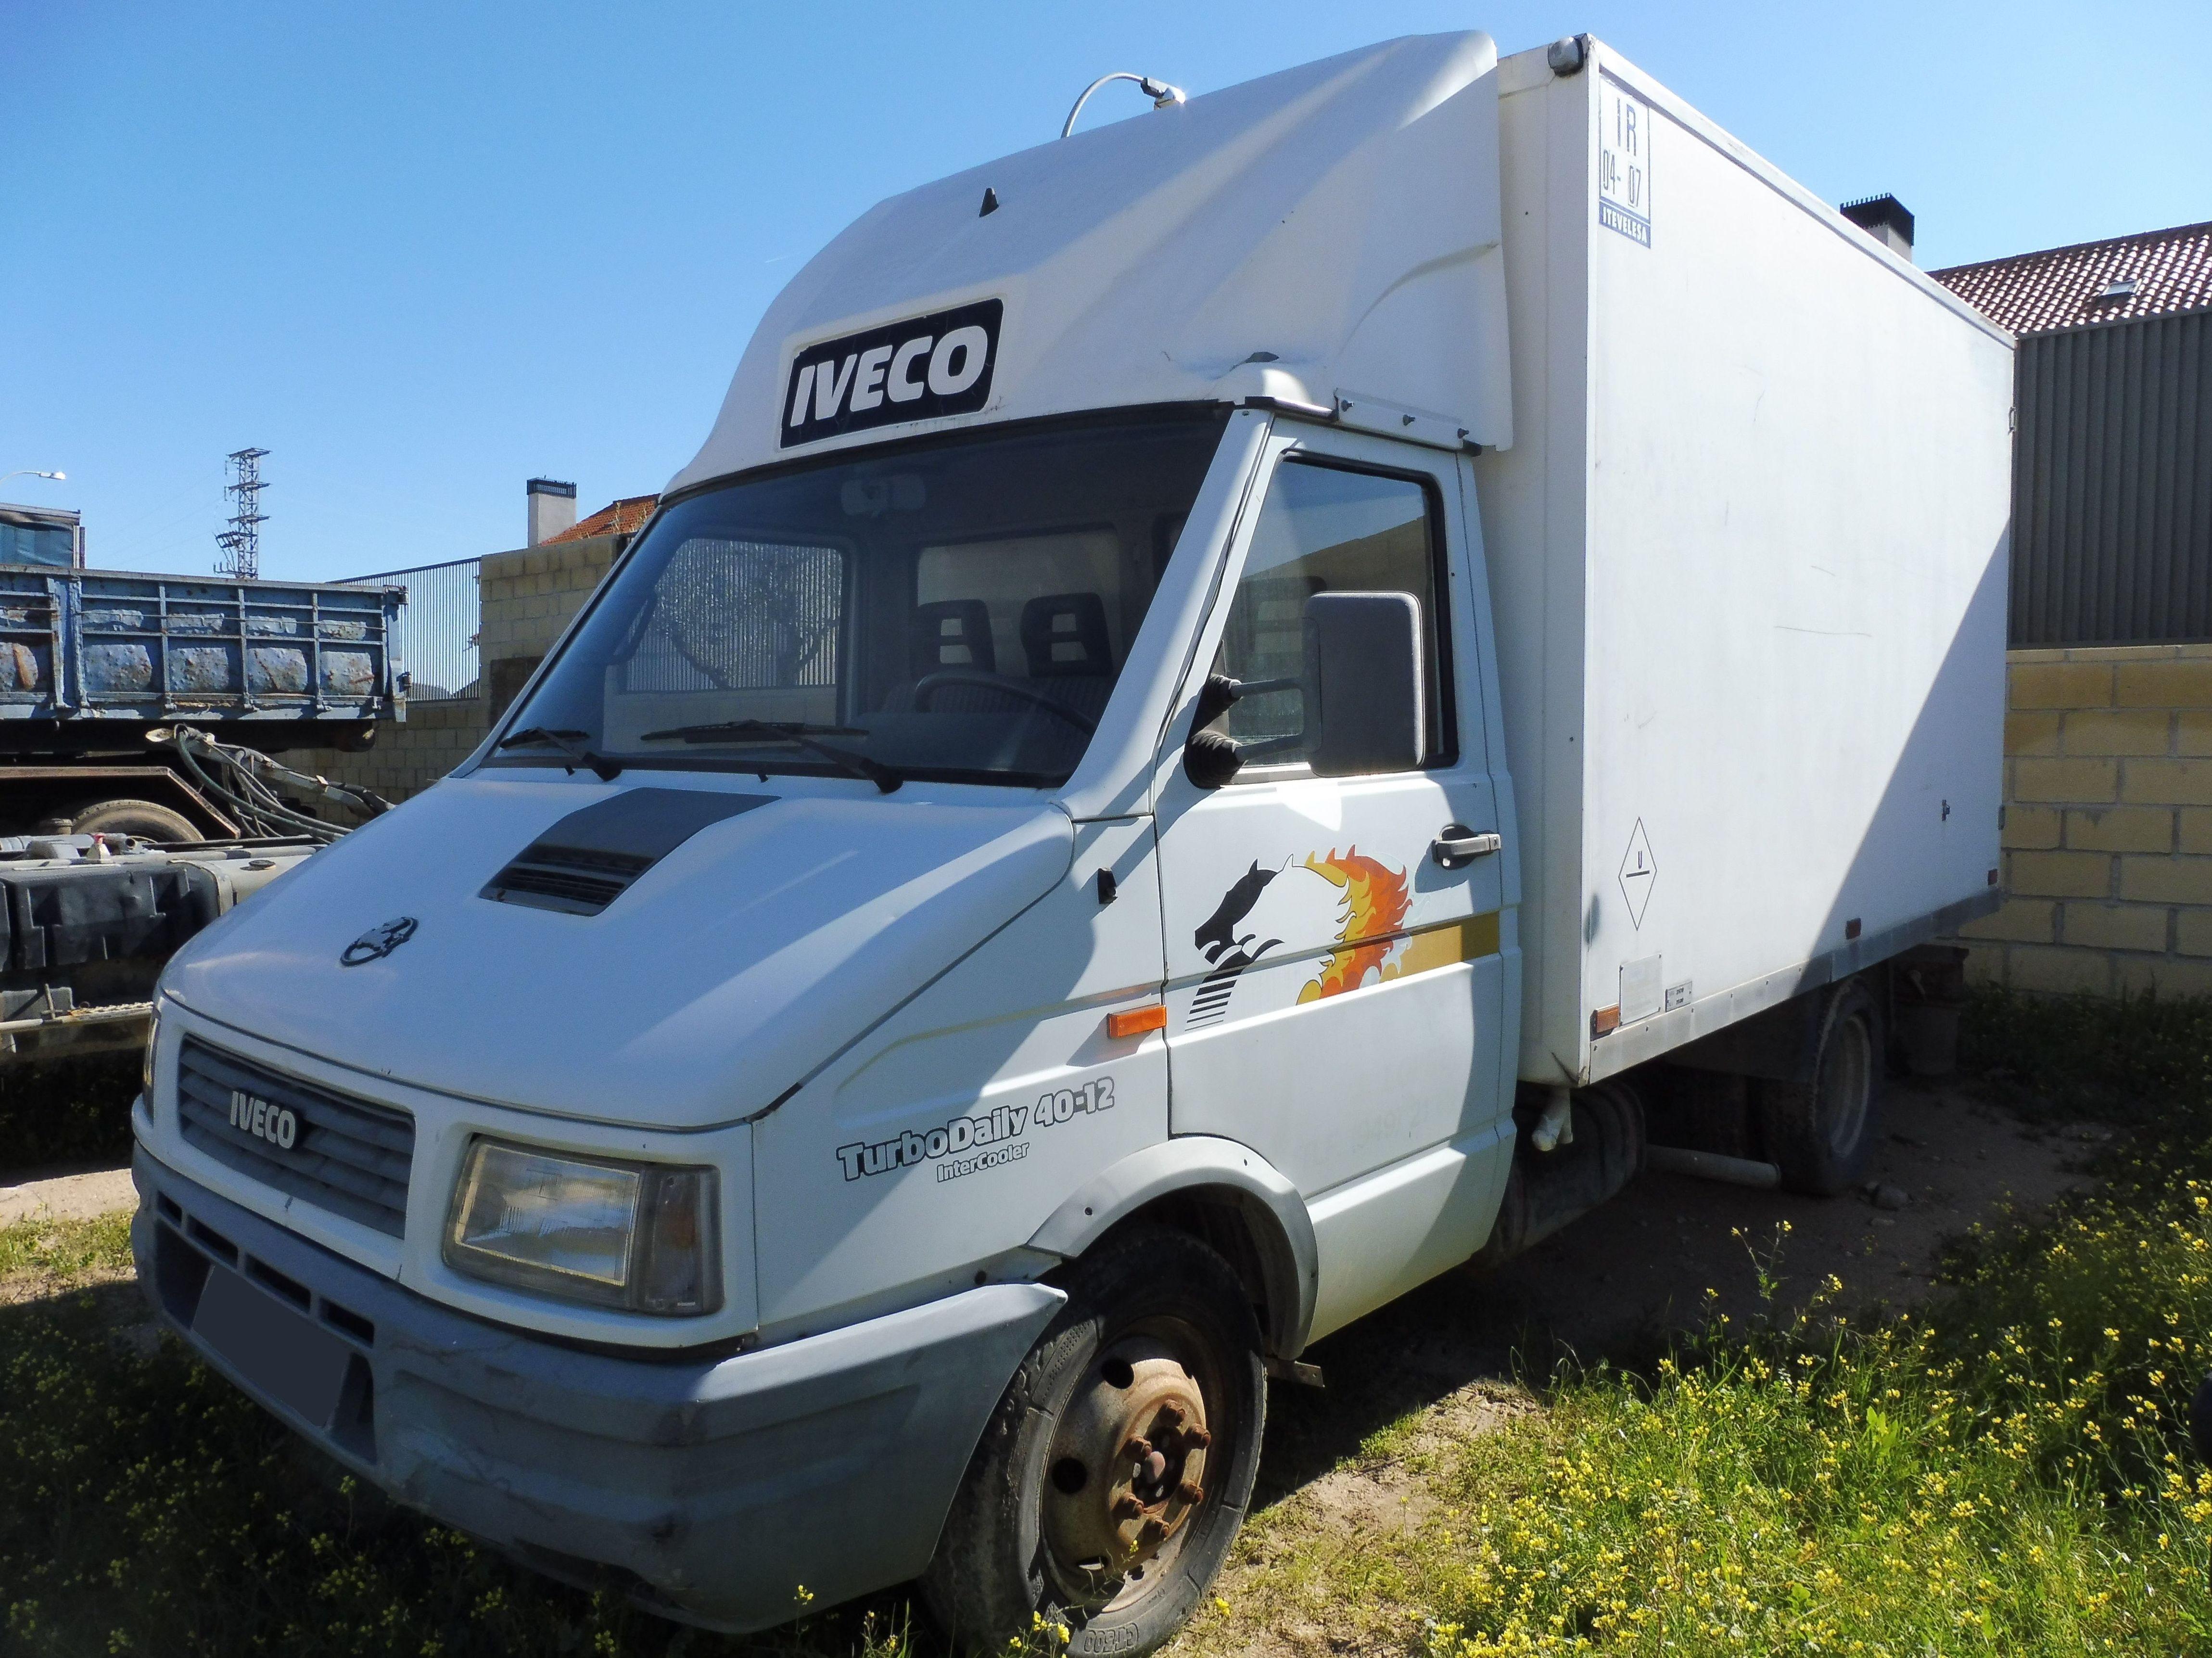 IVECO DAILY 40-12: Vehículos industriales de Emirtrucks Trading